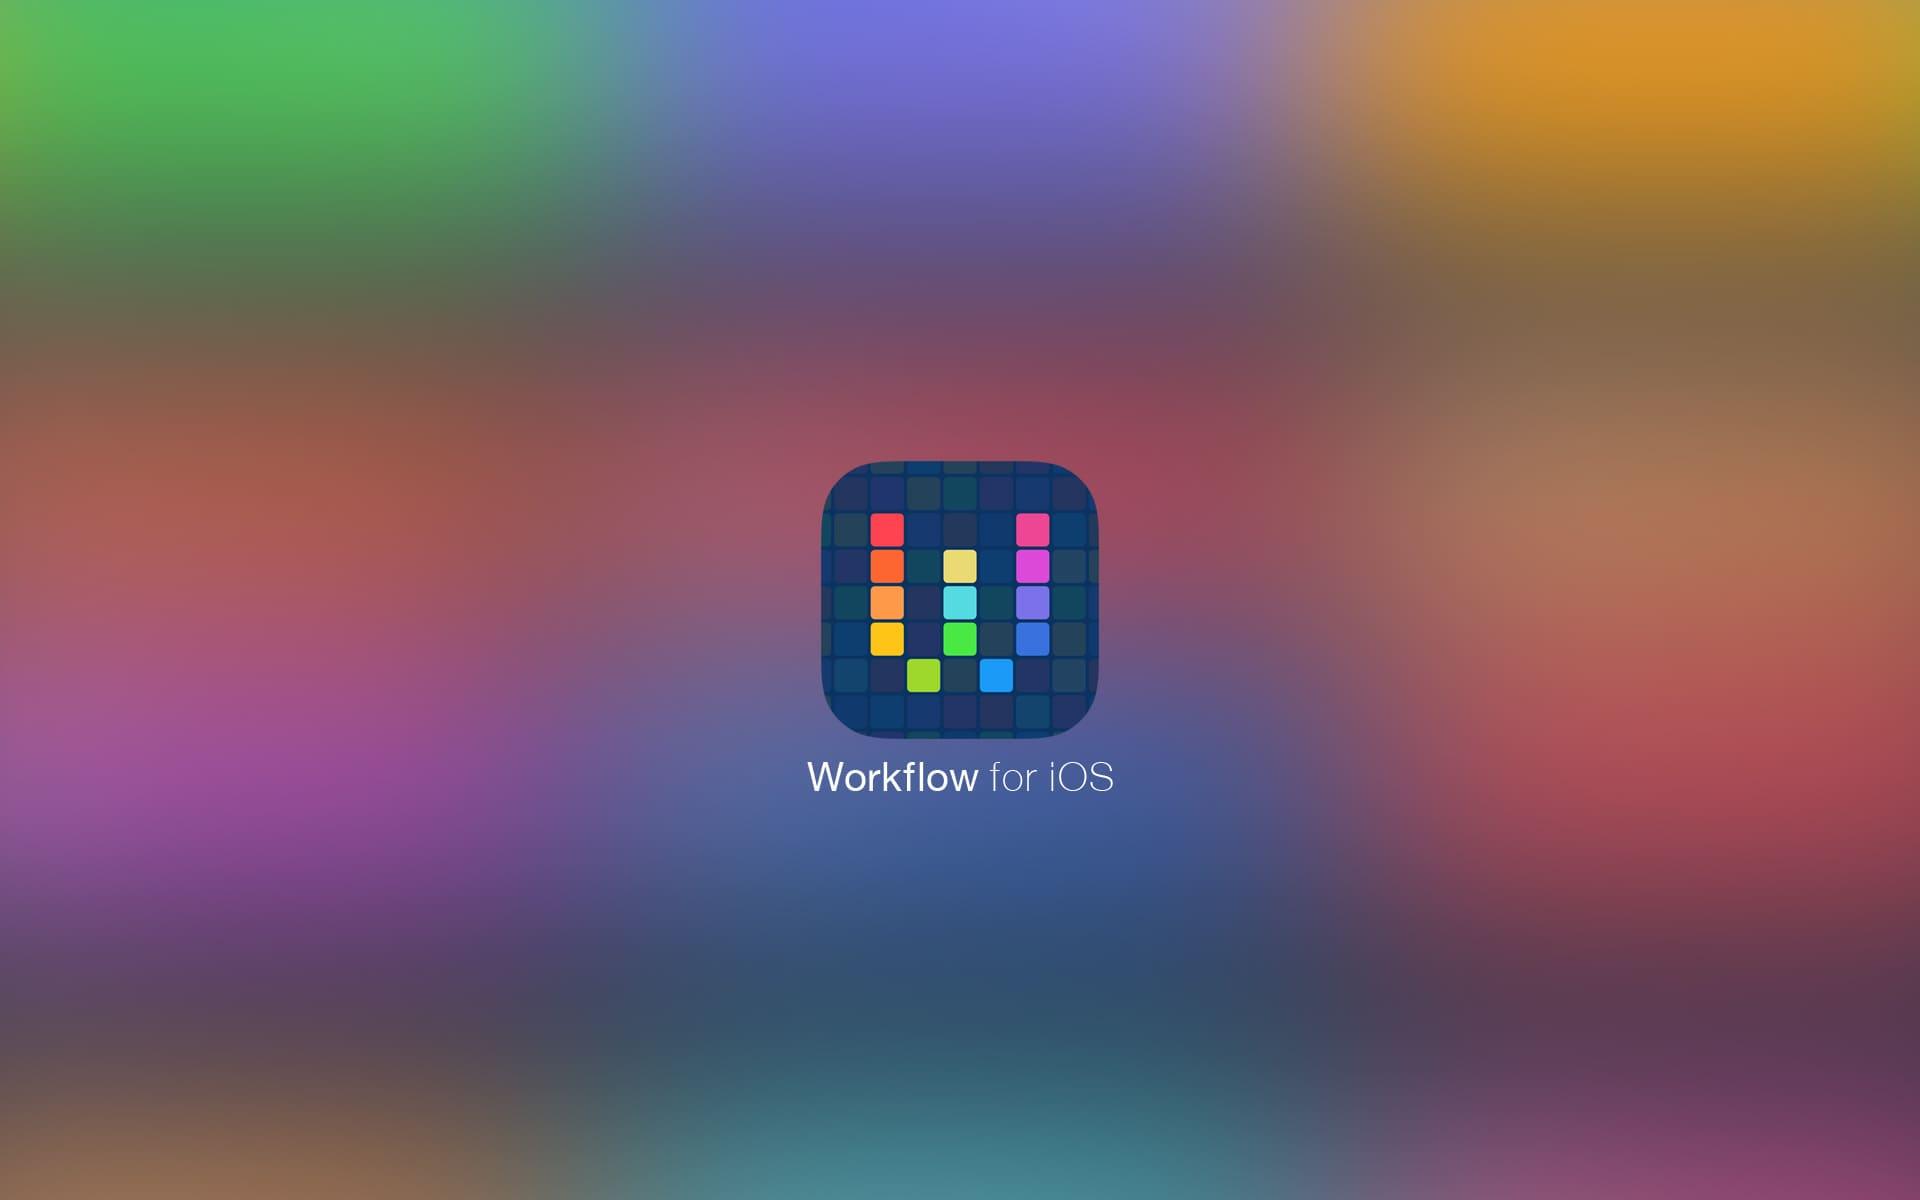 iOS『Workflow』通知センター ウィジェットのワークフローを整理